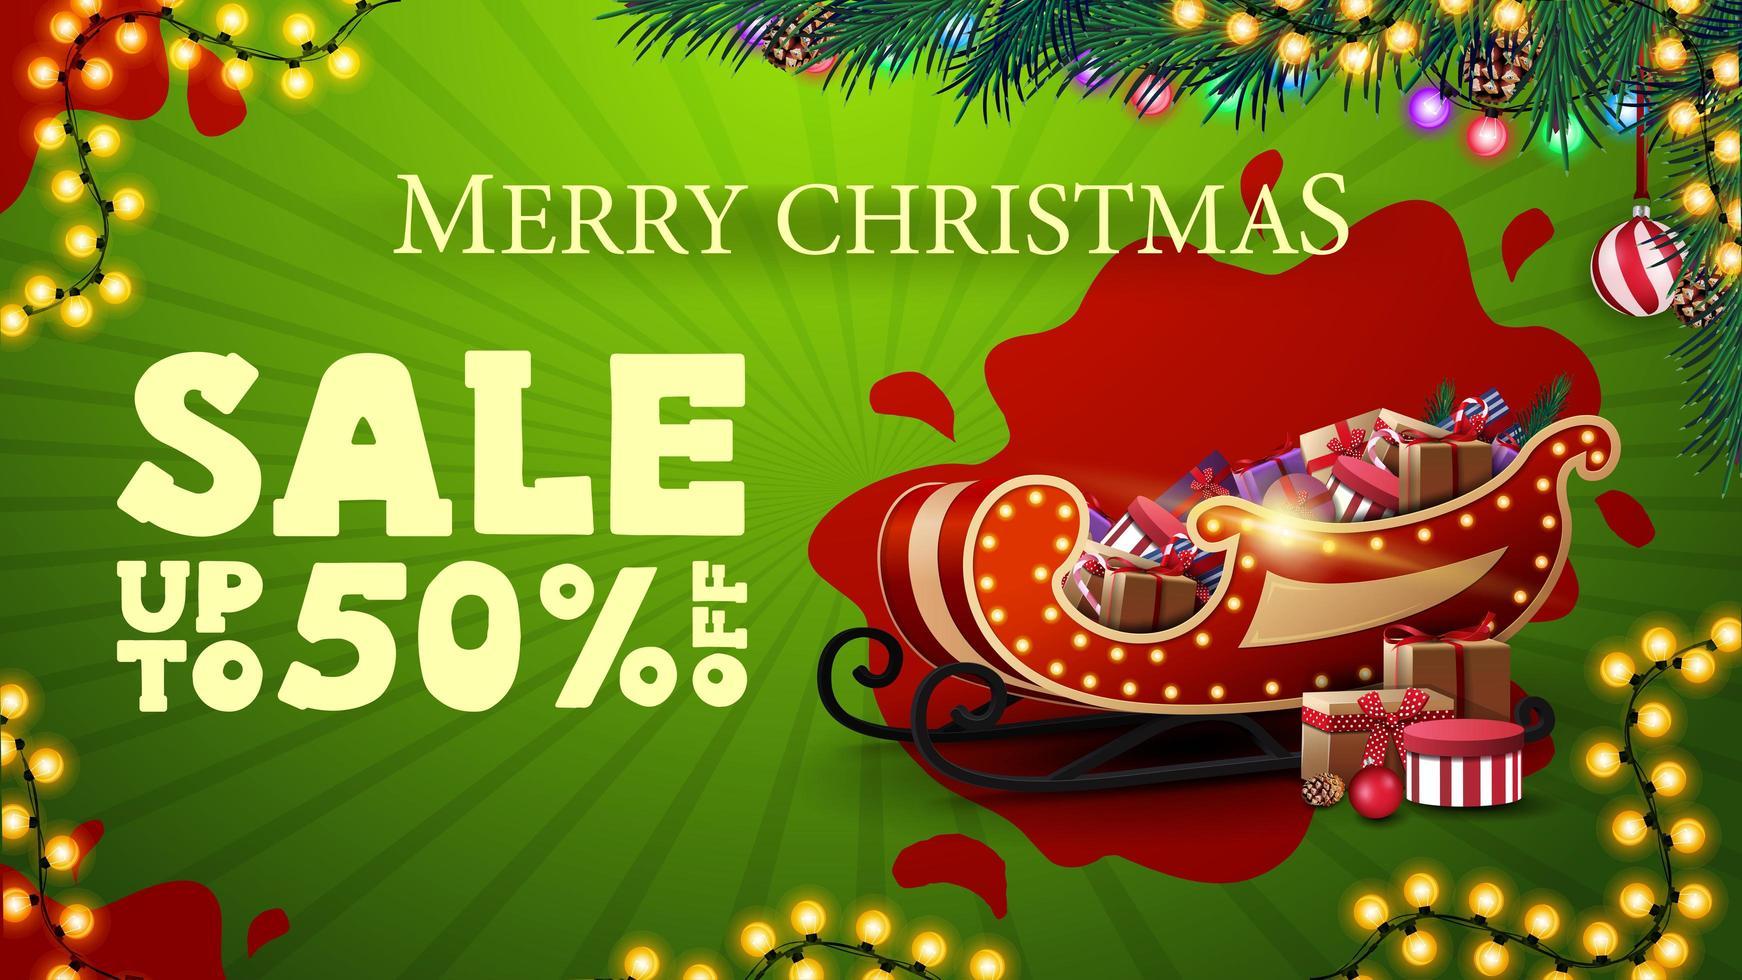 kerstuitverkoop, tot 50 korting, moderne groene kortingsbanner met slingers, rode vlek, kerstboomtakken en santaslee met cadeautjes vector